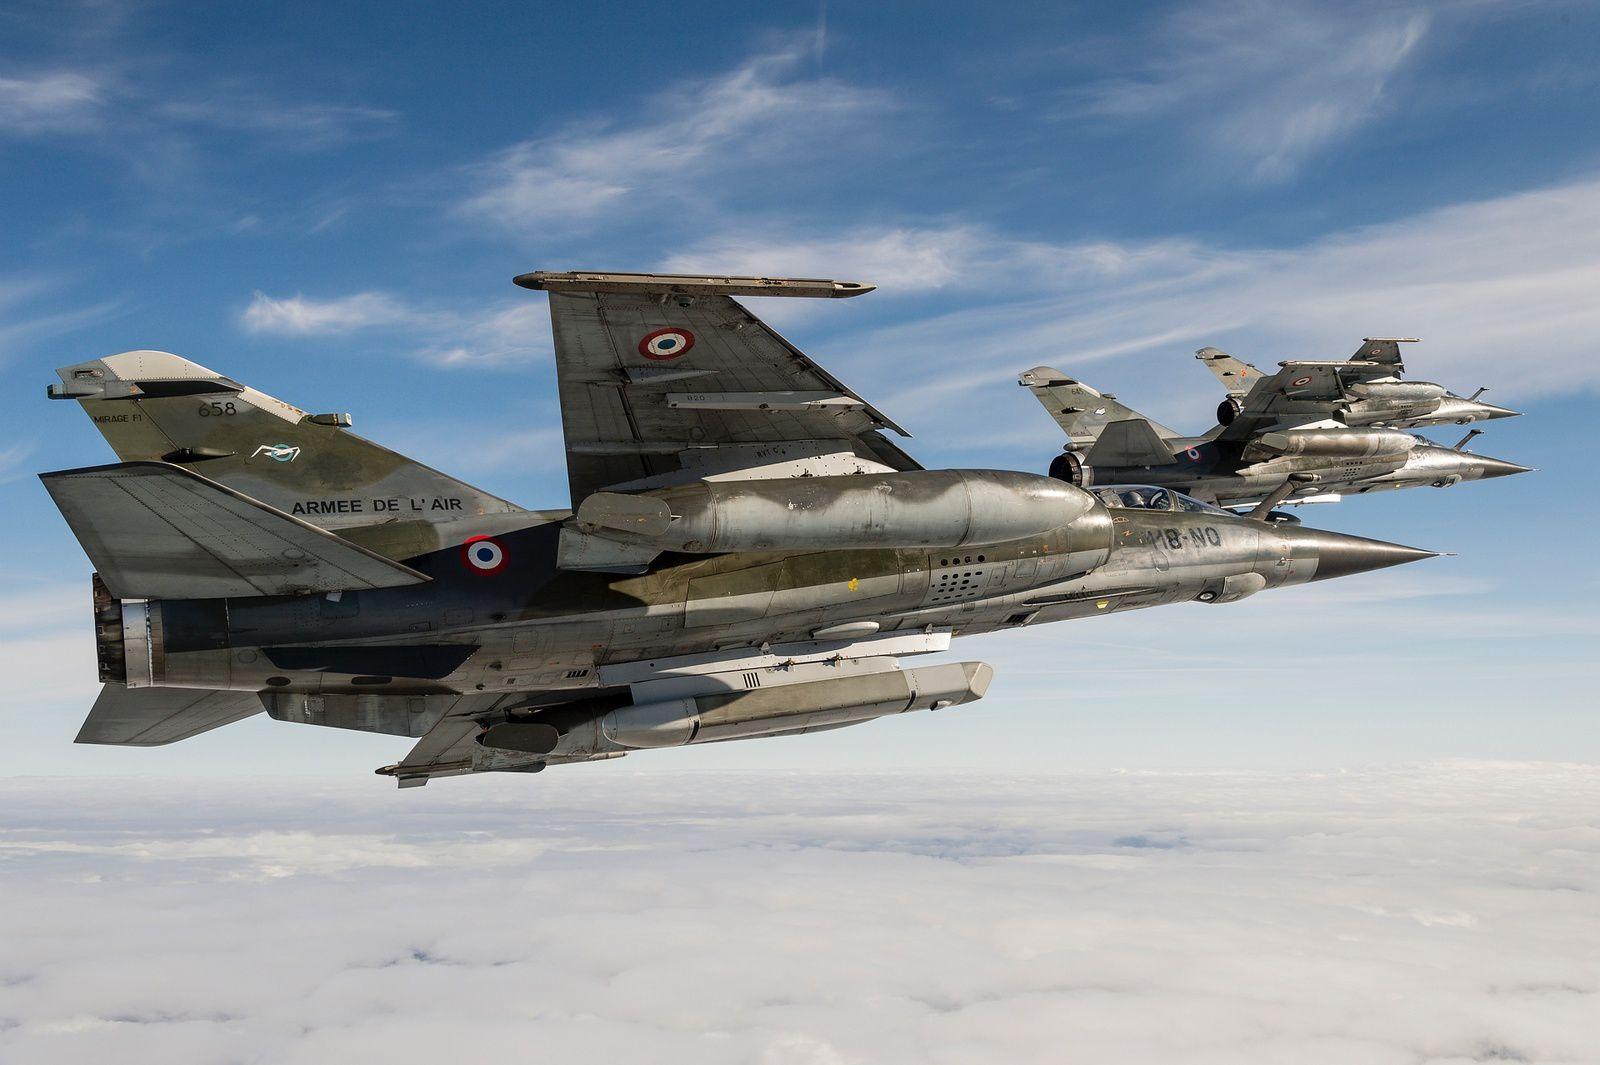 Ce Mirage F1-CR, au premier plan sur la photographie, est équipé de la nacelle ASTAC, située sous le «ventre» de l'appareil - Photo : © A. Jeuland / Armée de l'Air.